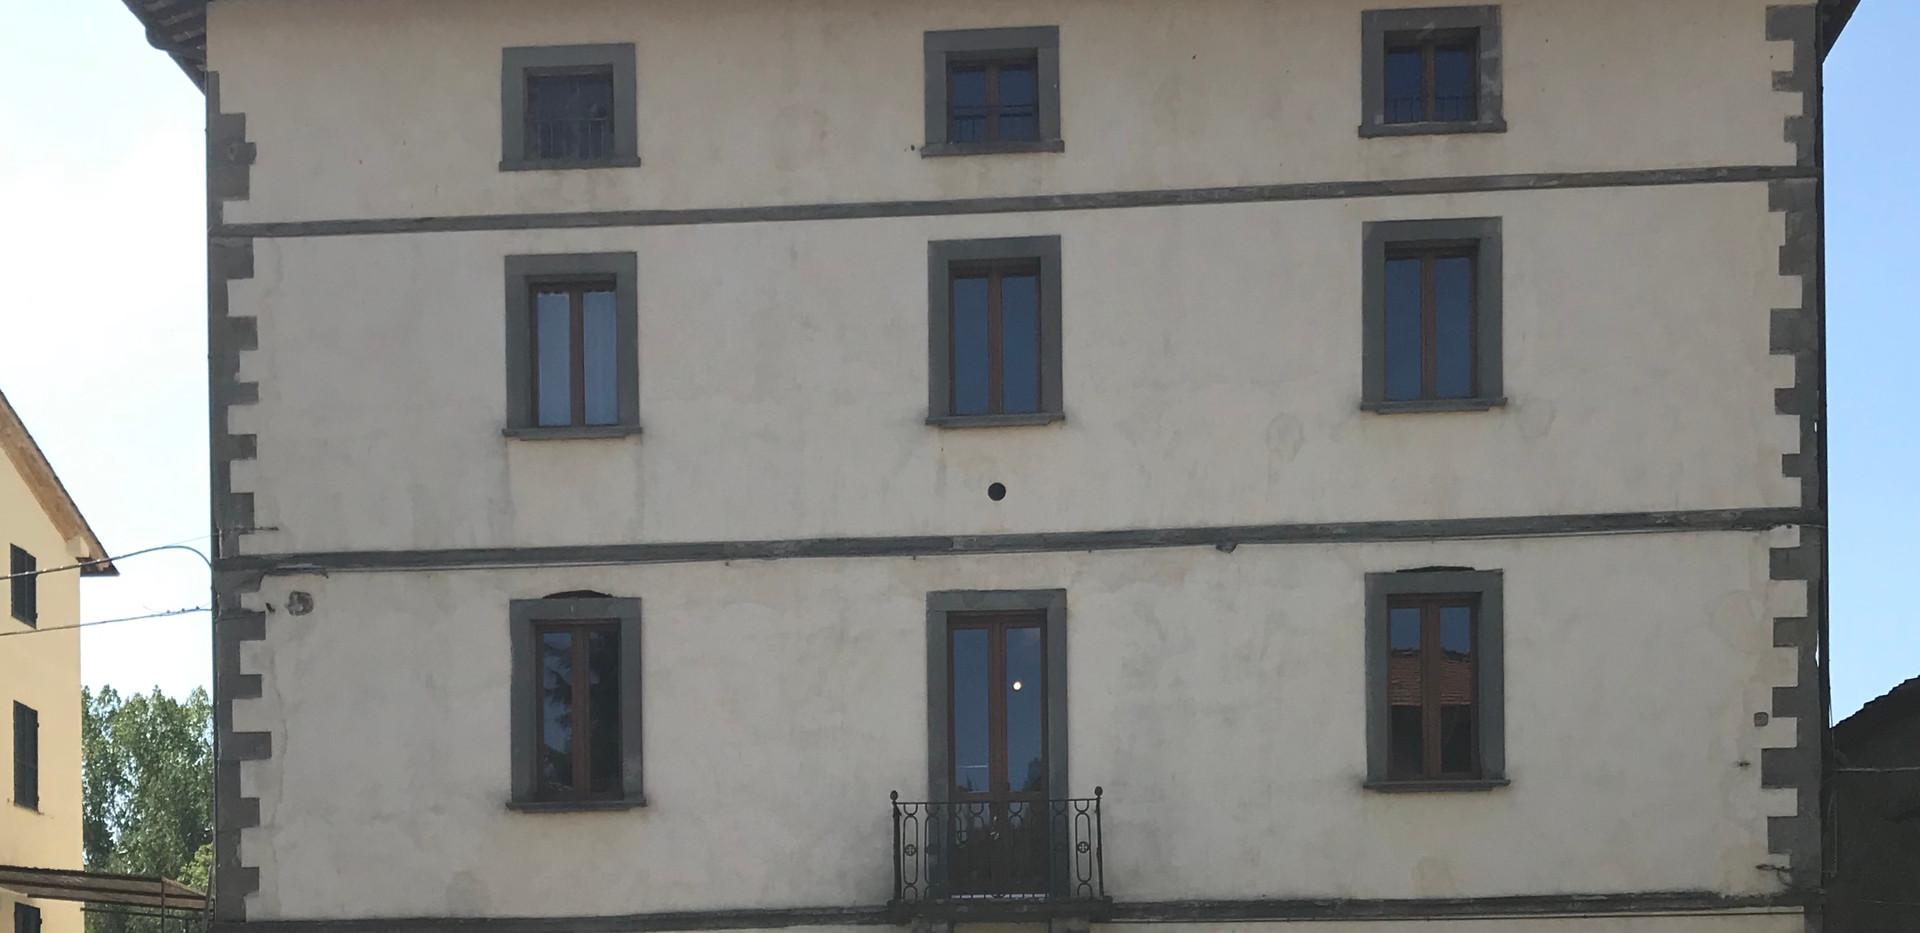 Edificio centrale a Niccone.JPG